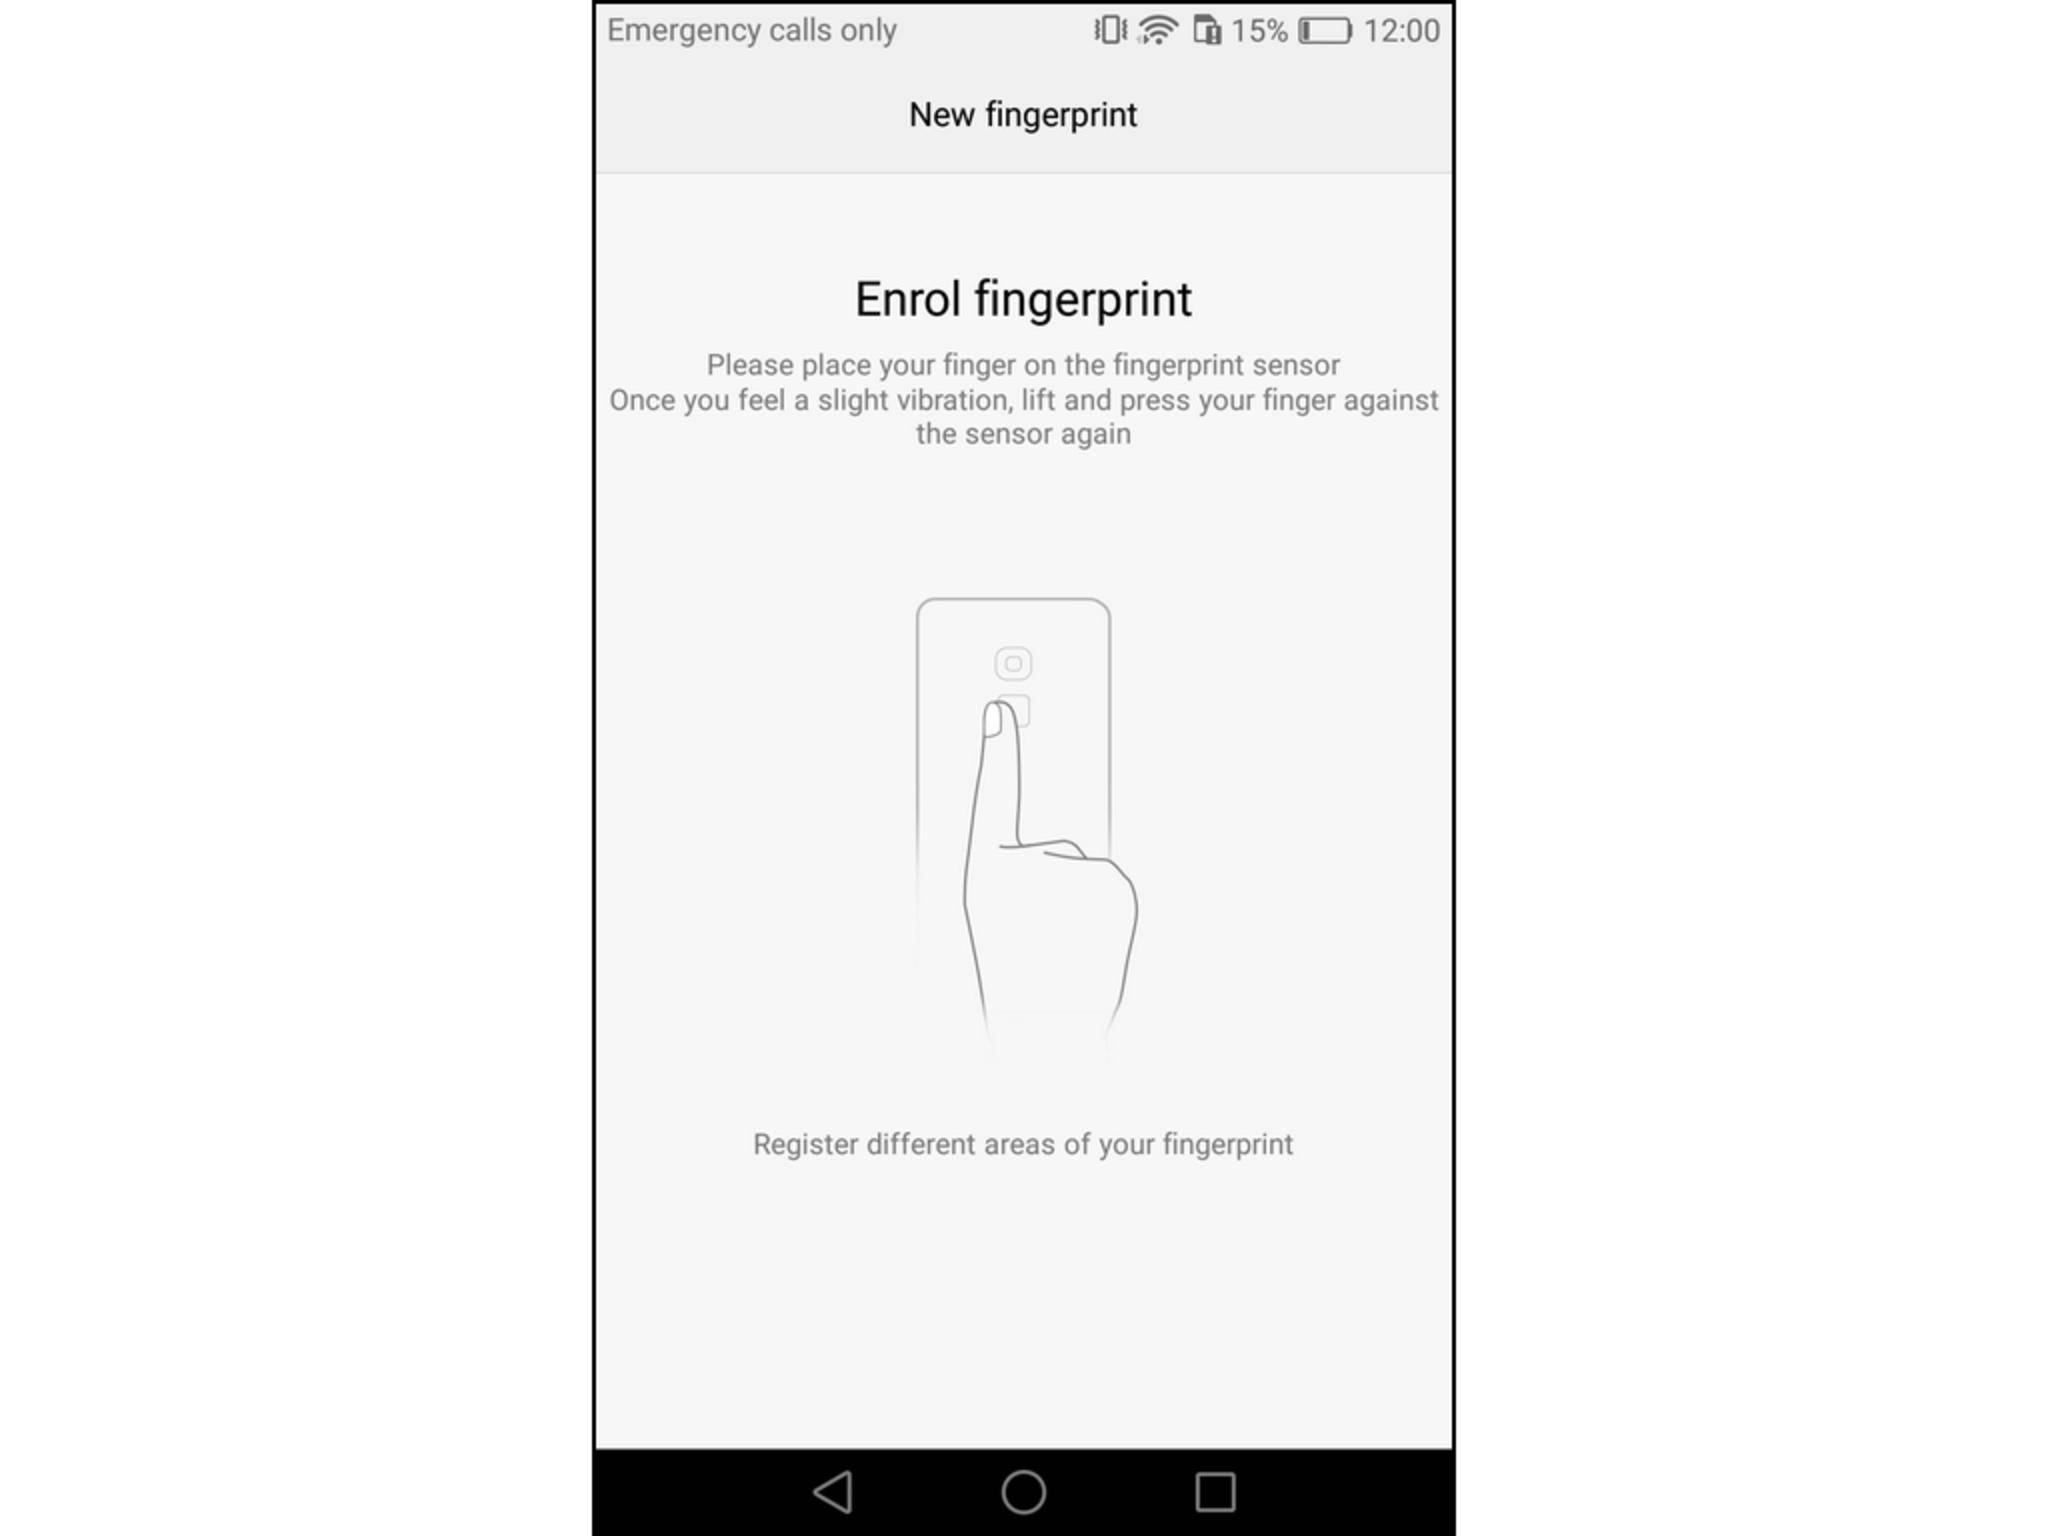 Der Fingerabdruckscanner kann zum Entsperren der Smartphones verwendet werden.